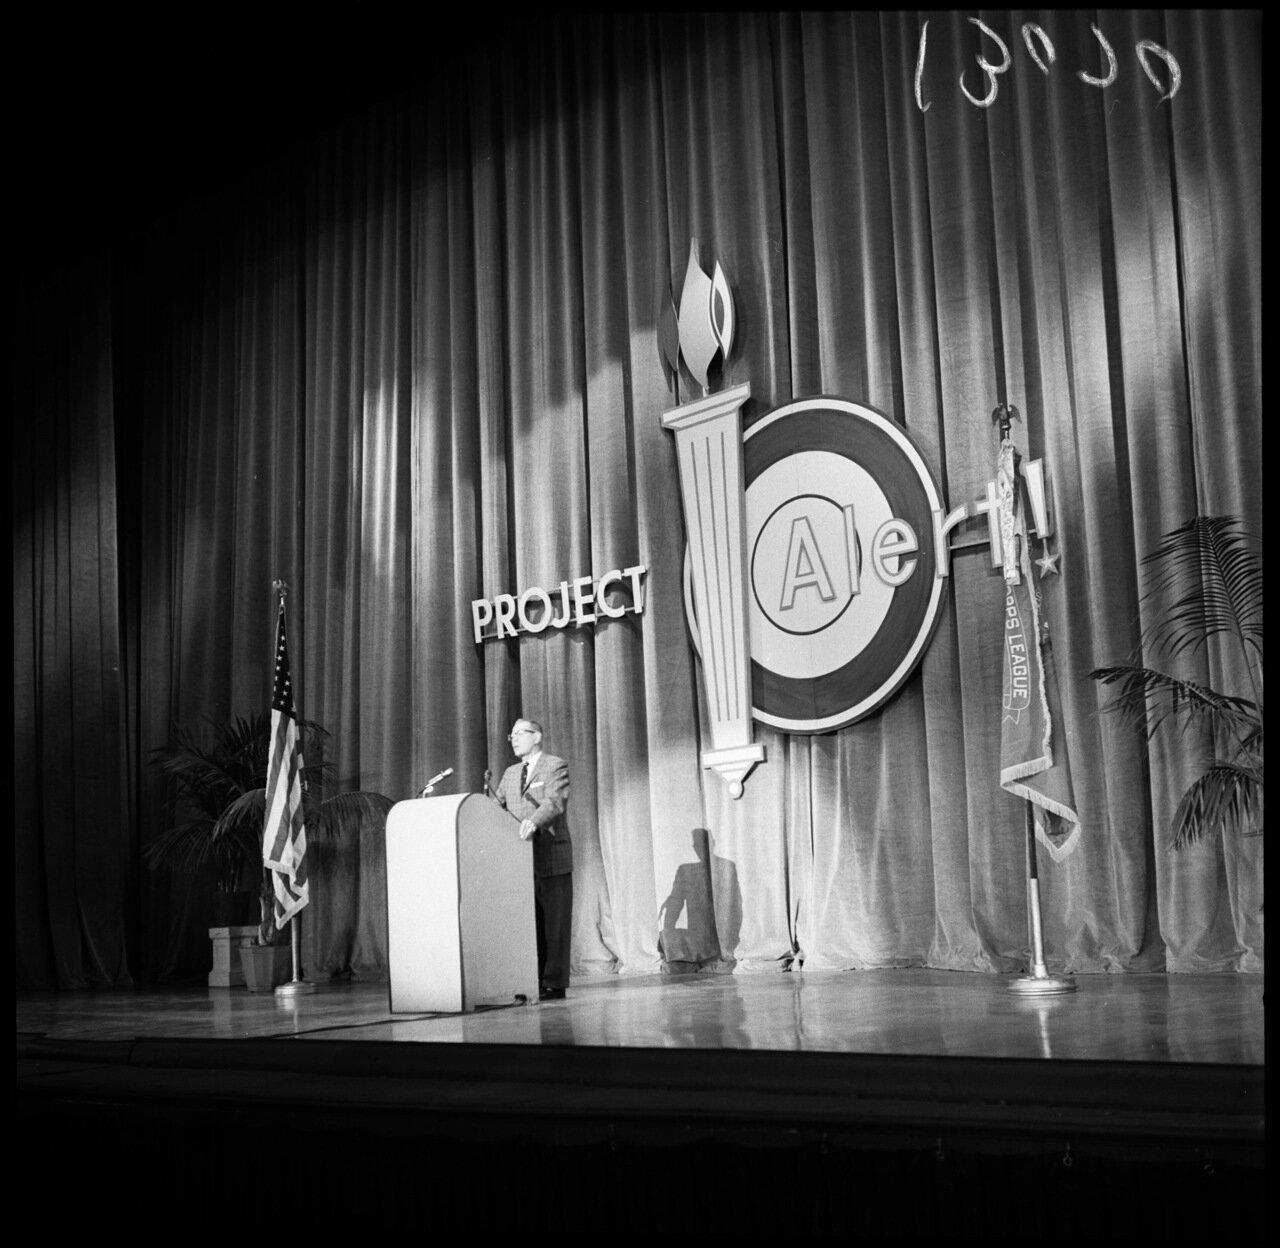 1961.12 декабря. Проект Тревога (антикоммунистическая конференция). Дональд Джексон выступает с трибуны